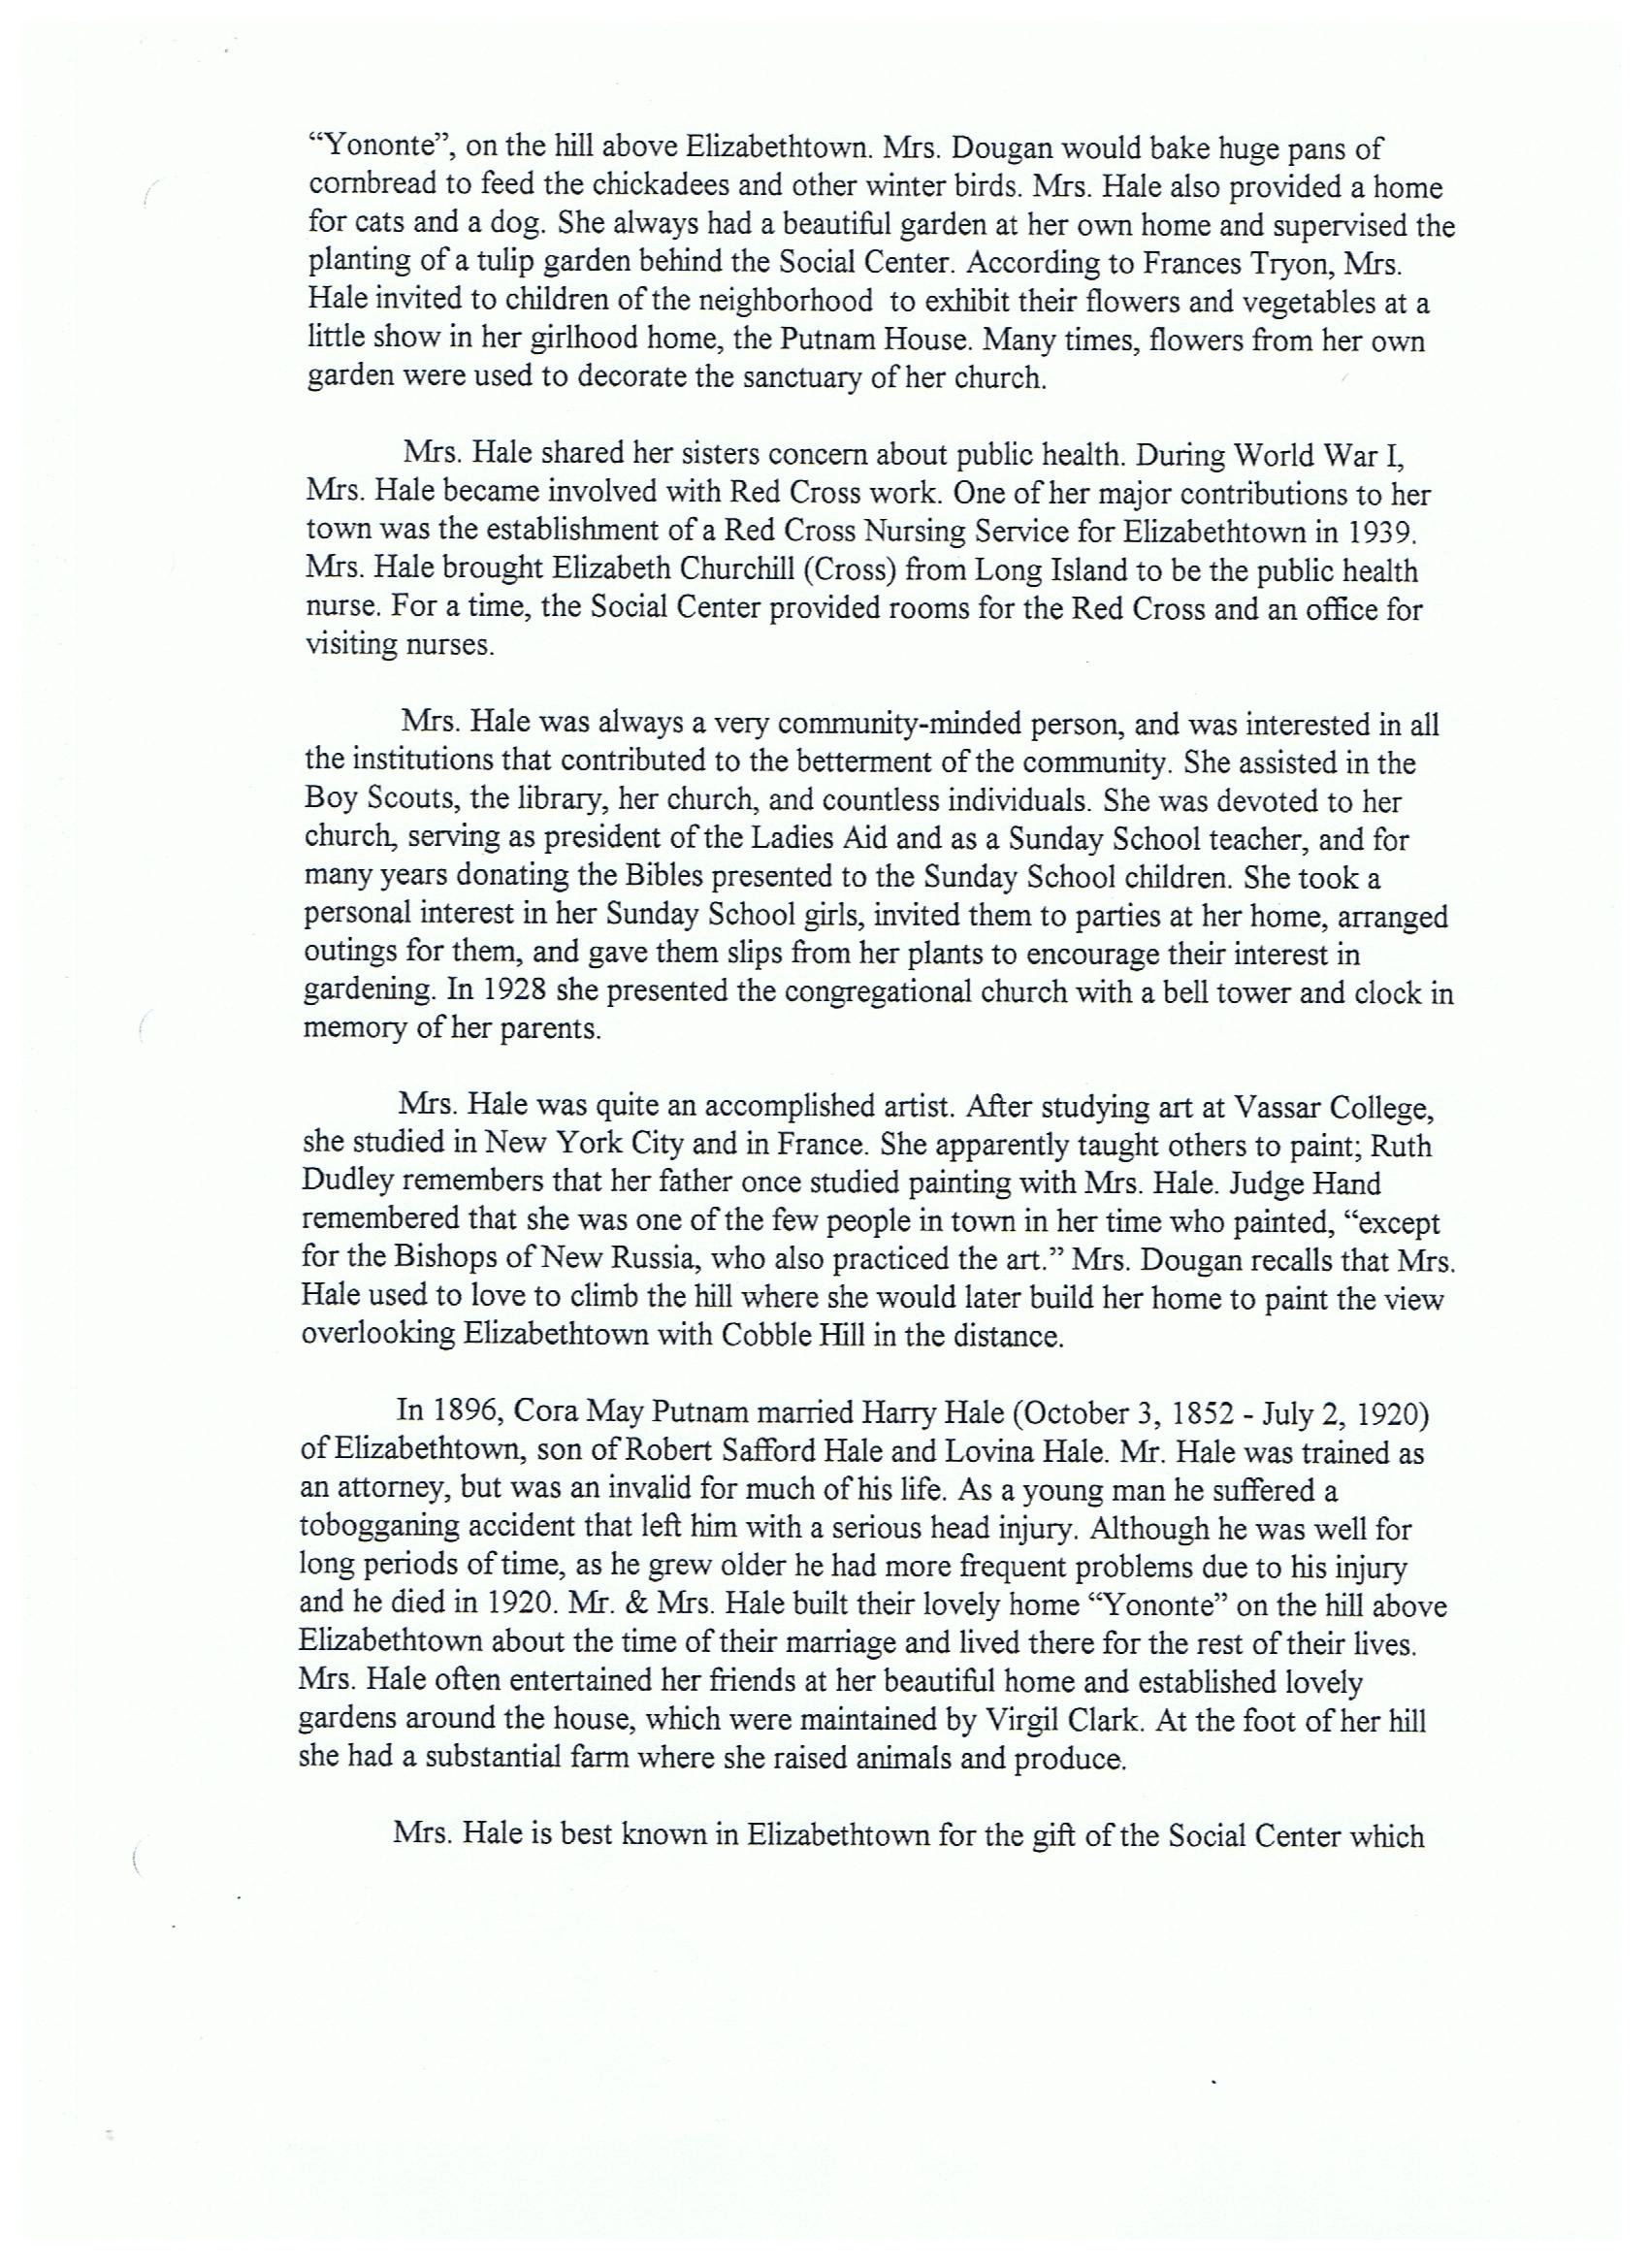 Cora Putnam Hale page 3